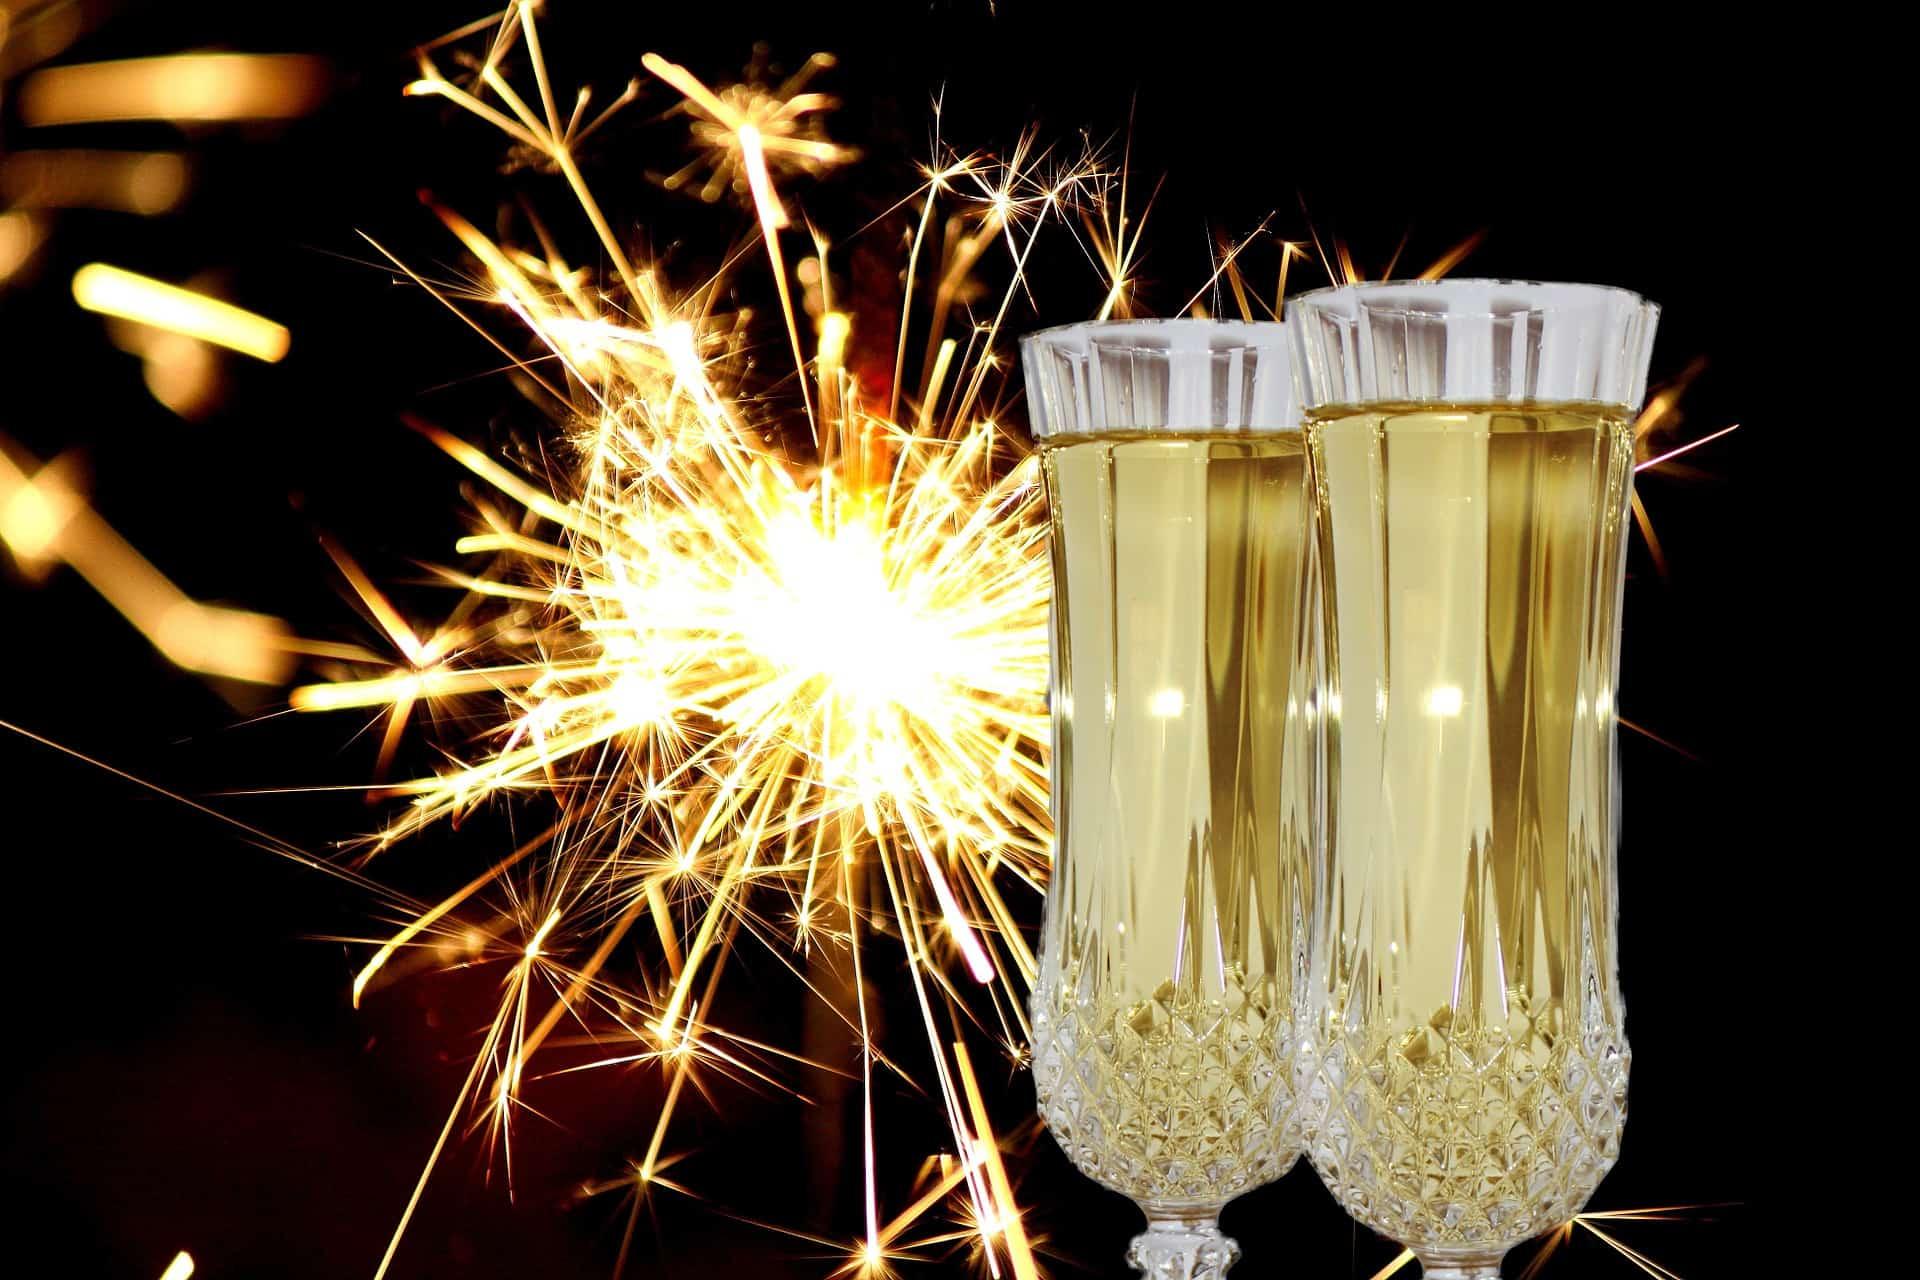 traiteur pour vos fêtes de fin d'année avec EHG Traiteur a Genève - Service traiteur pour vos fêtes de fin d'année a Geneve